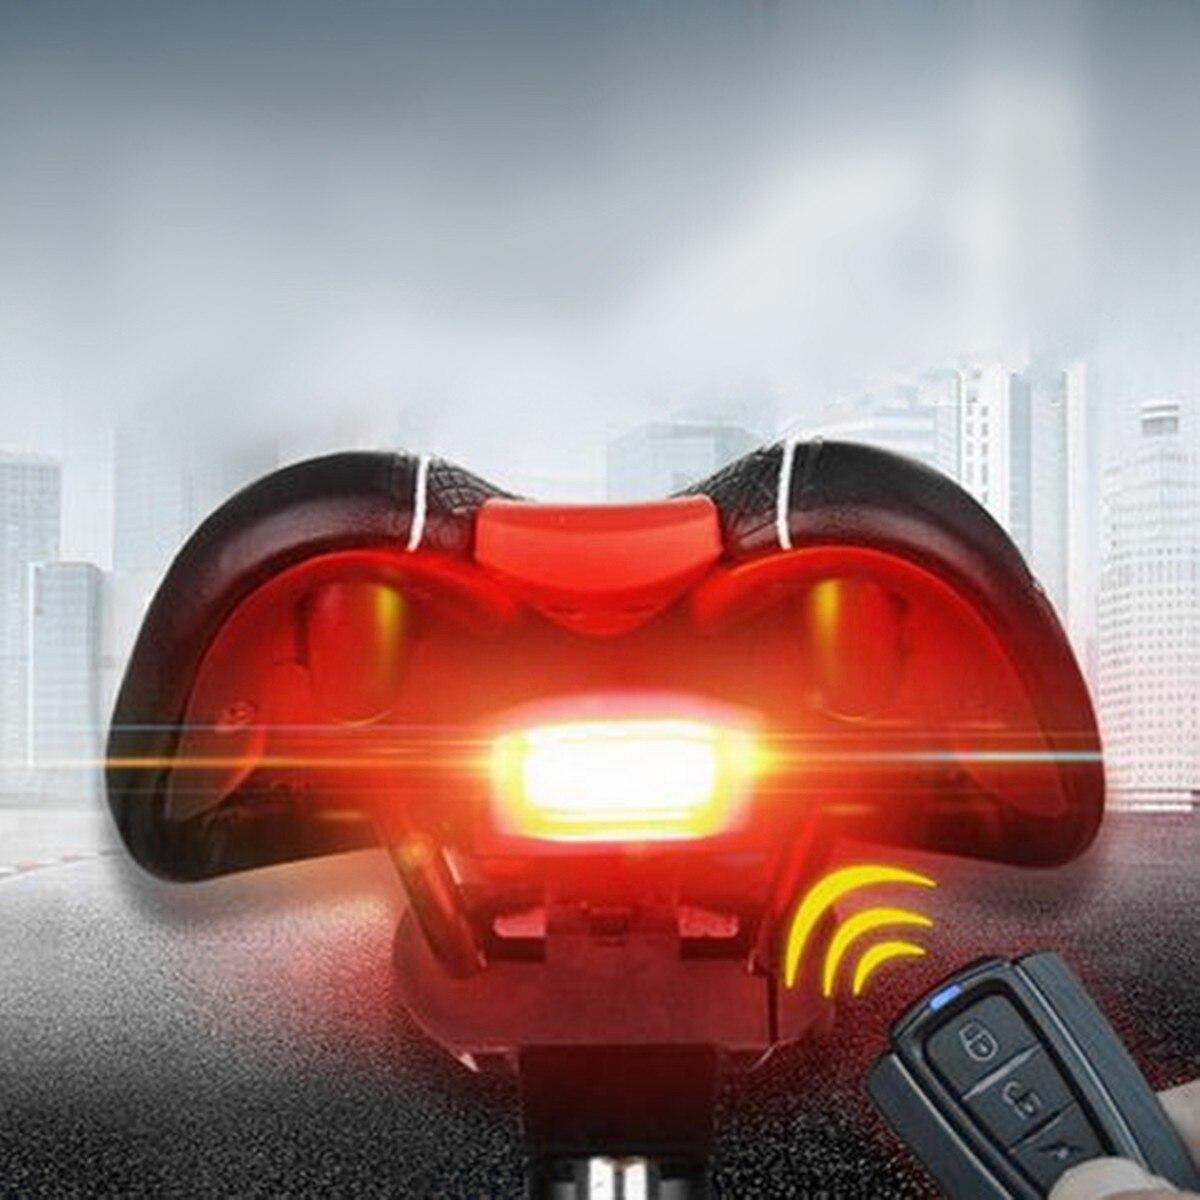 120db Fahrradalarmanlage Alarmschloss Fahrrad Lampe Rücklicht Fernbedienung DHL